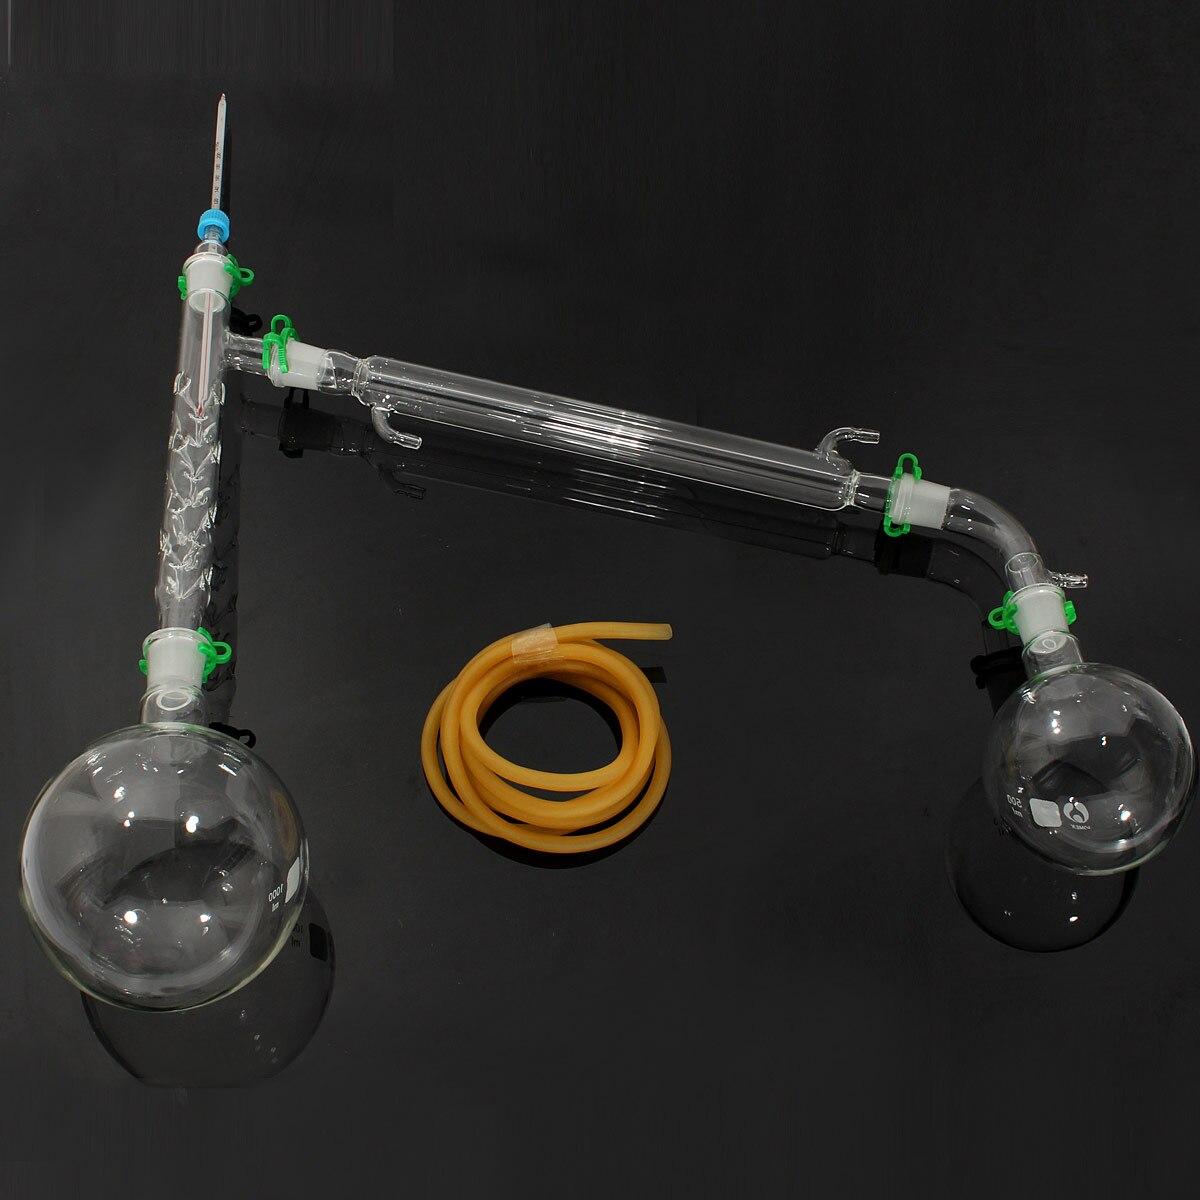 1000 ml appareil de Distillation de laboratoire de chimie Kit de verrerie de laboratoire ensemble appareil de Distillation de Distillation de verre 24/29